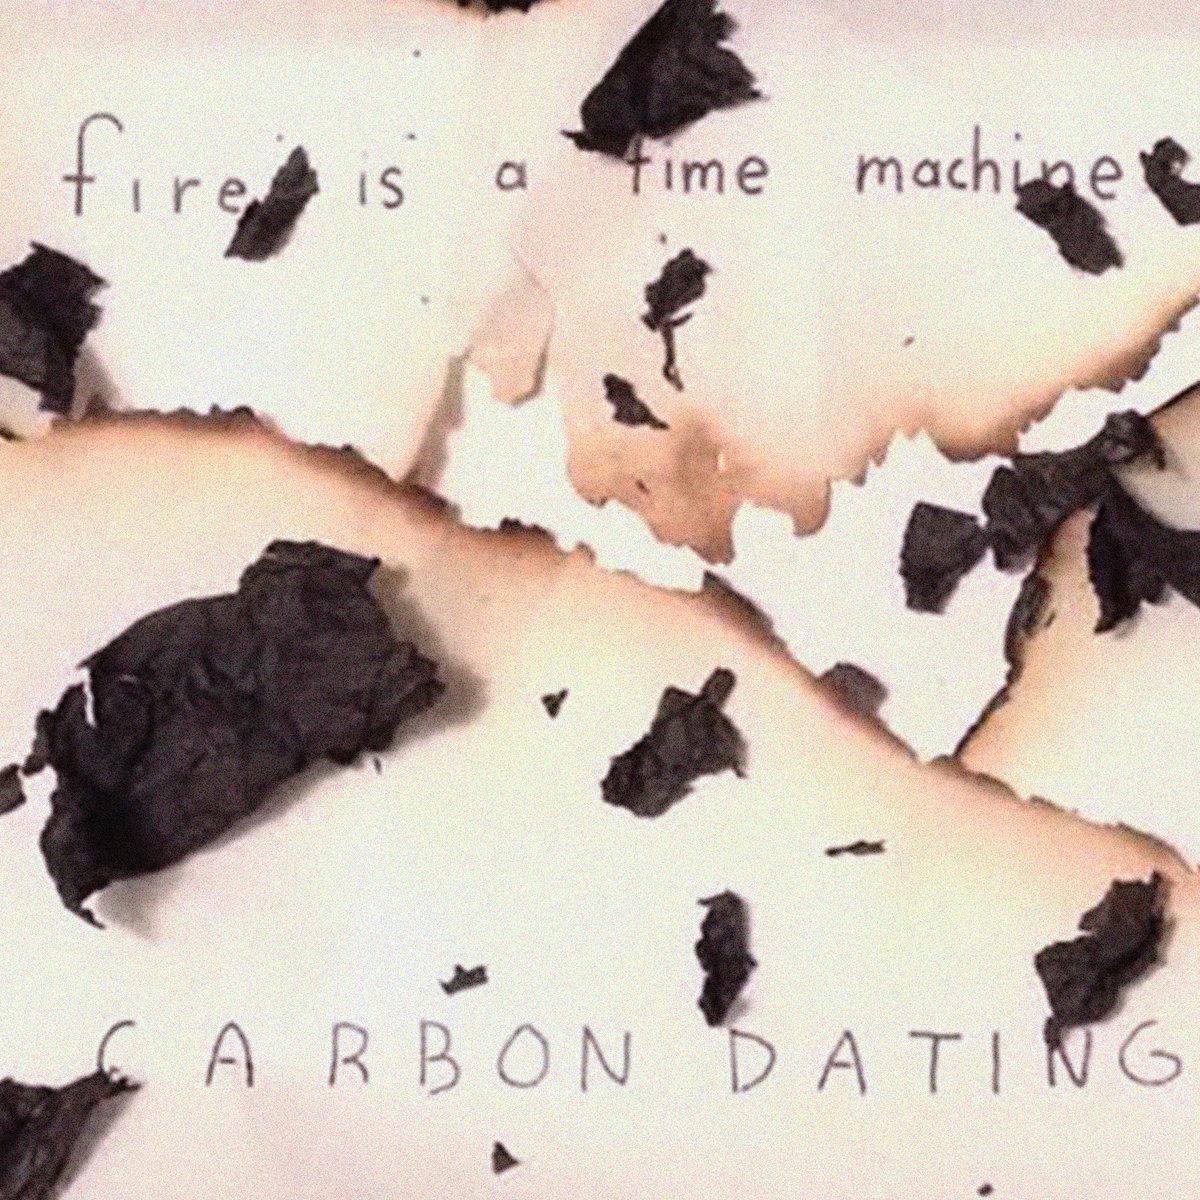 Miksi on Carbon dating luotettava